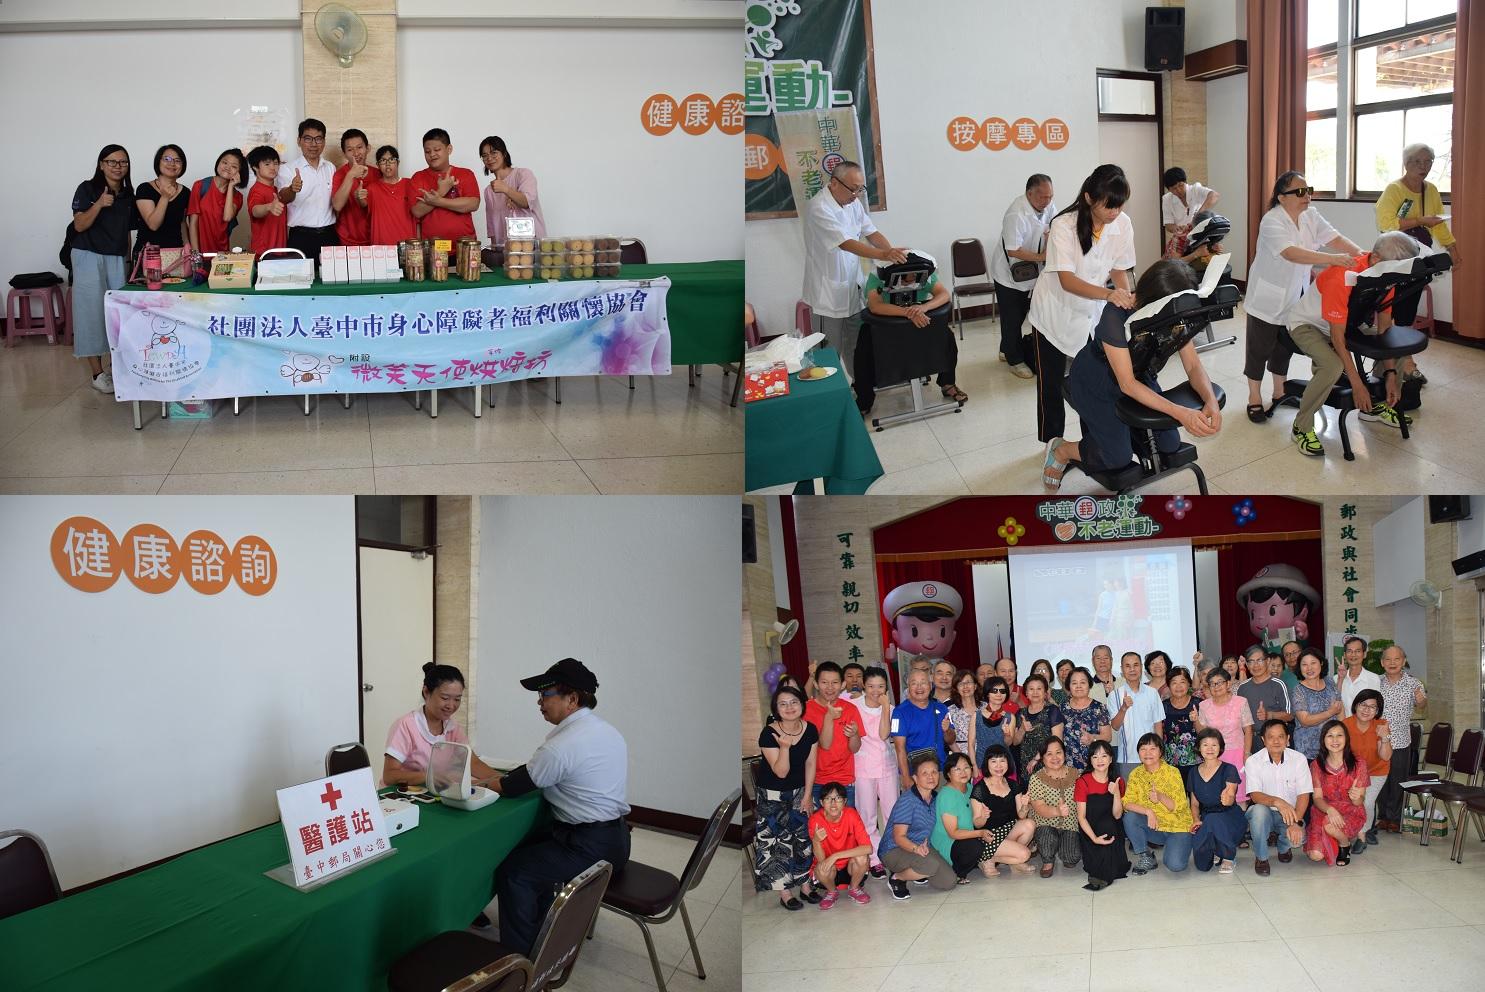 臺中郵局響應政府長照政策 積極參與社區公益